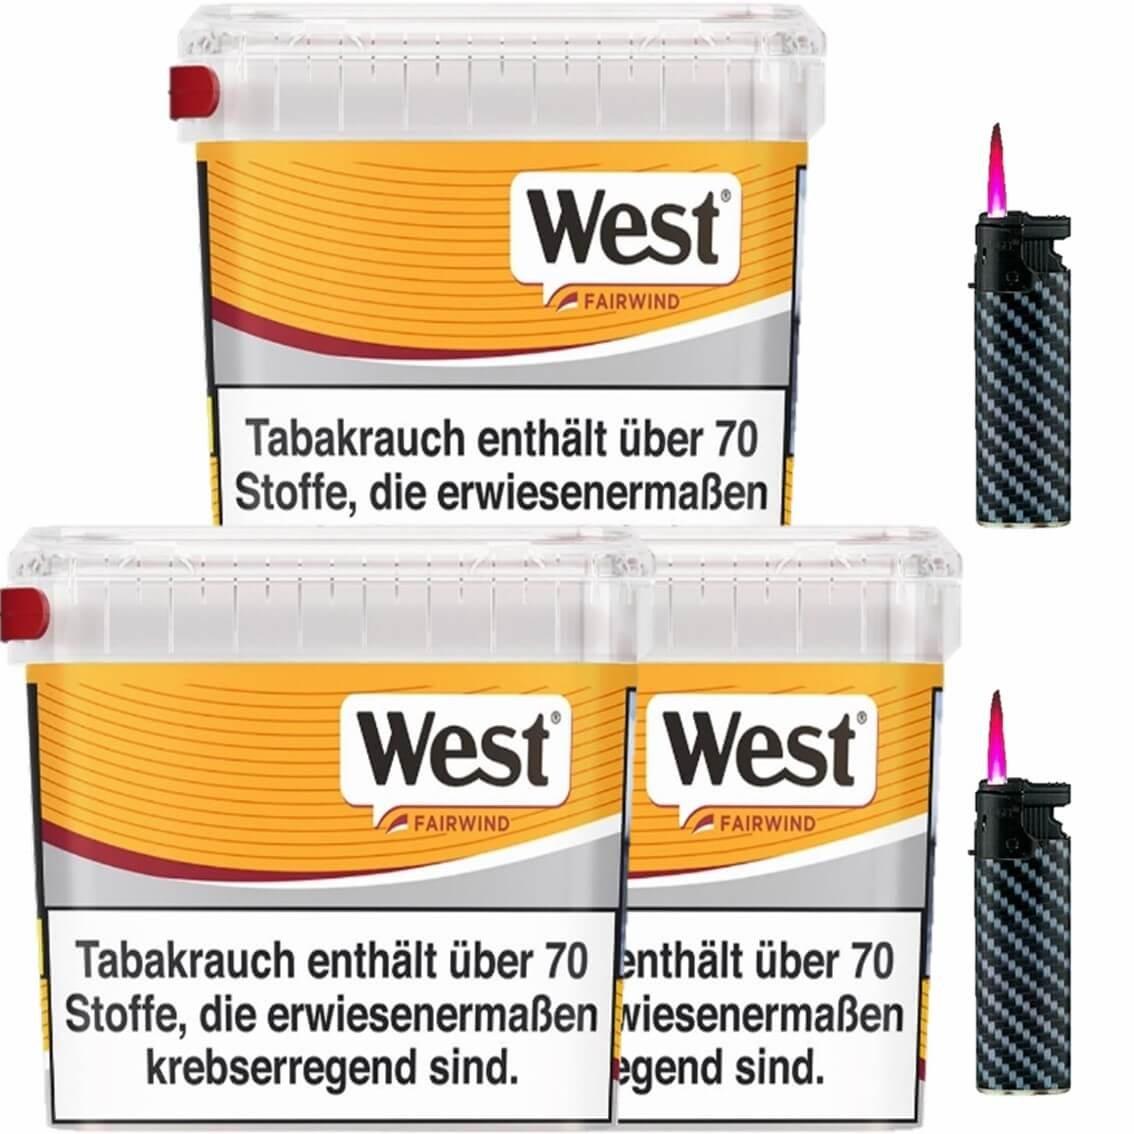 West Yellow Fairwind 3 x 215g mit Sturmfeuerzeugen